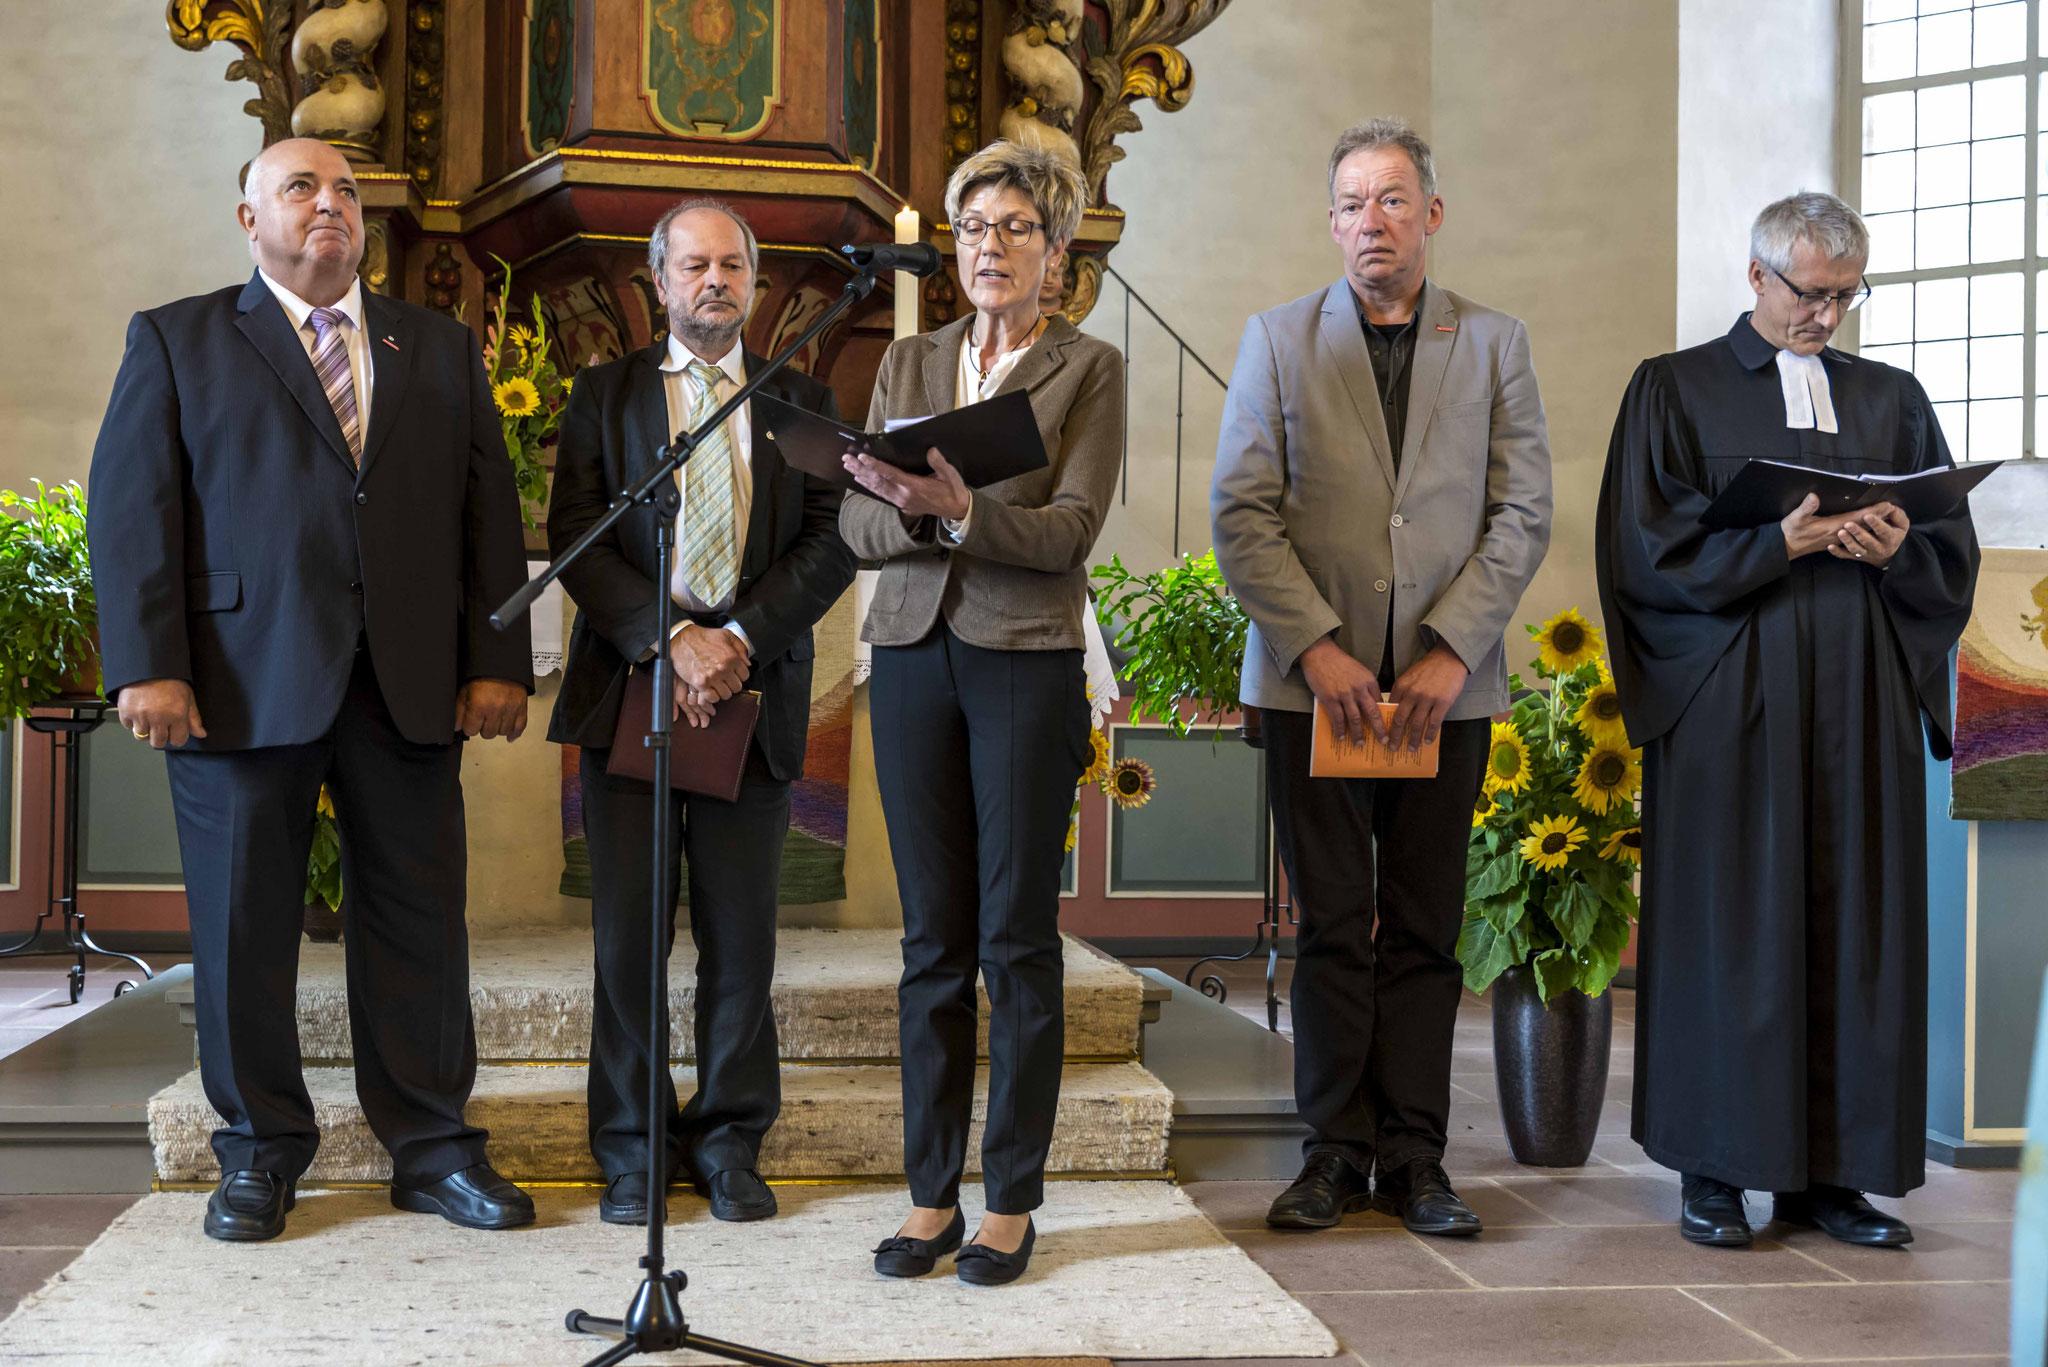 Das Fürbittgebet am Ende des Gottesdienstes sprachen Karl-Heinz Göpel (v.l.n.r.), Dieter Lomb, Hannelore Volke, Alfred Schüttler und Dr. Jochen Gerlach  (Fotos: Karl-Günter Balzer)